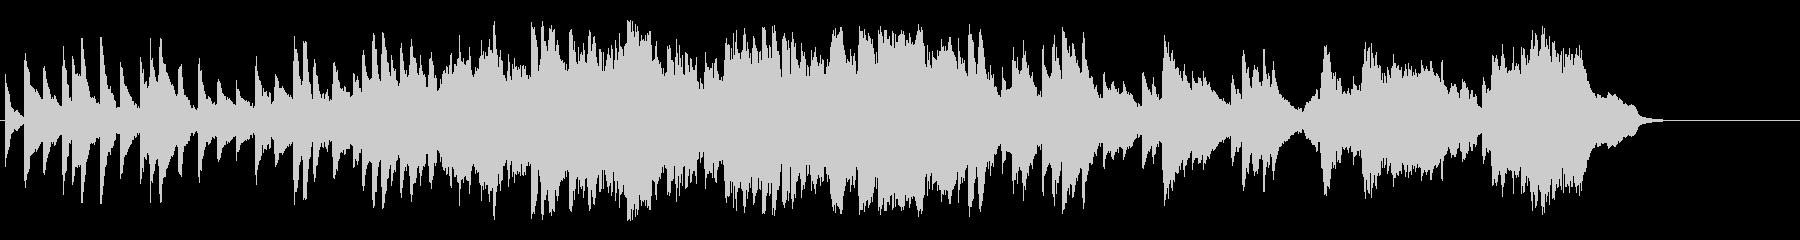 優雅なセミクラ風ピアノバラードの未再生の波形